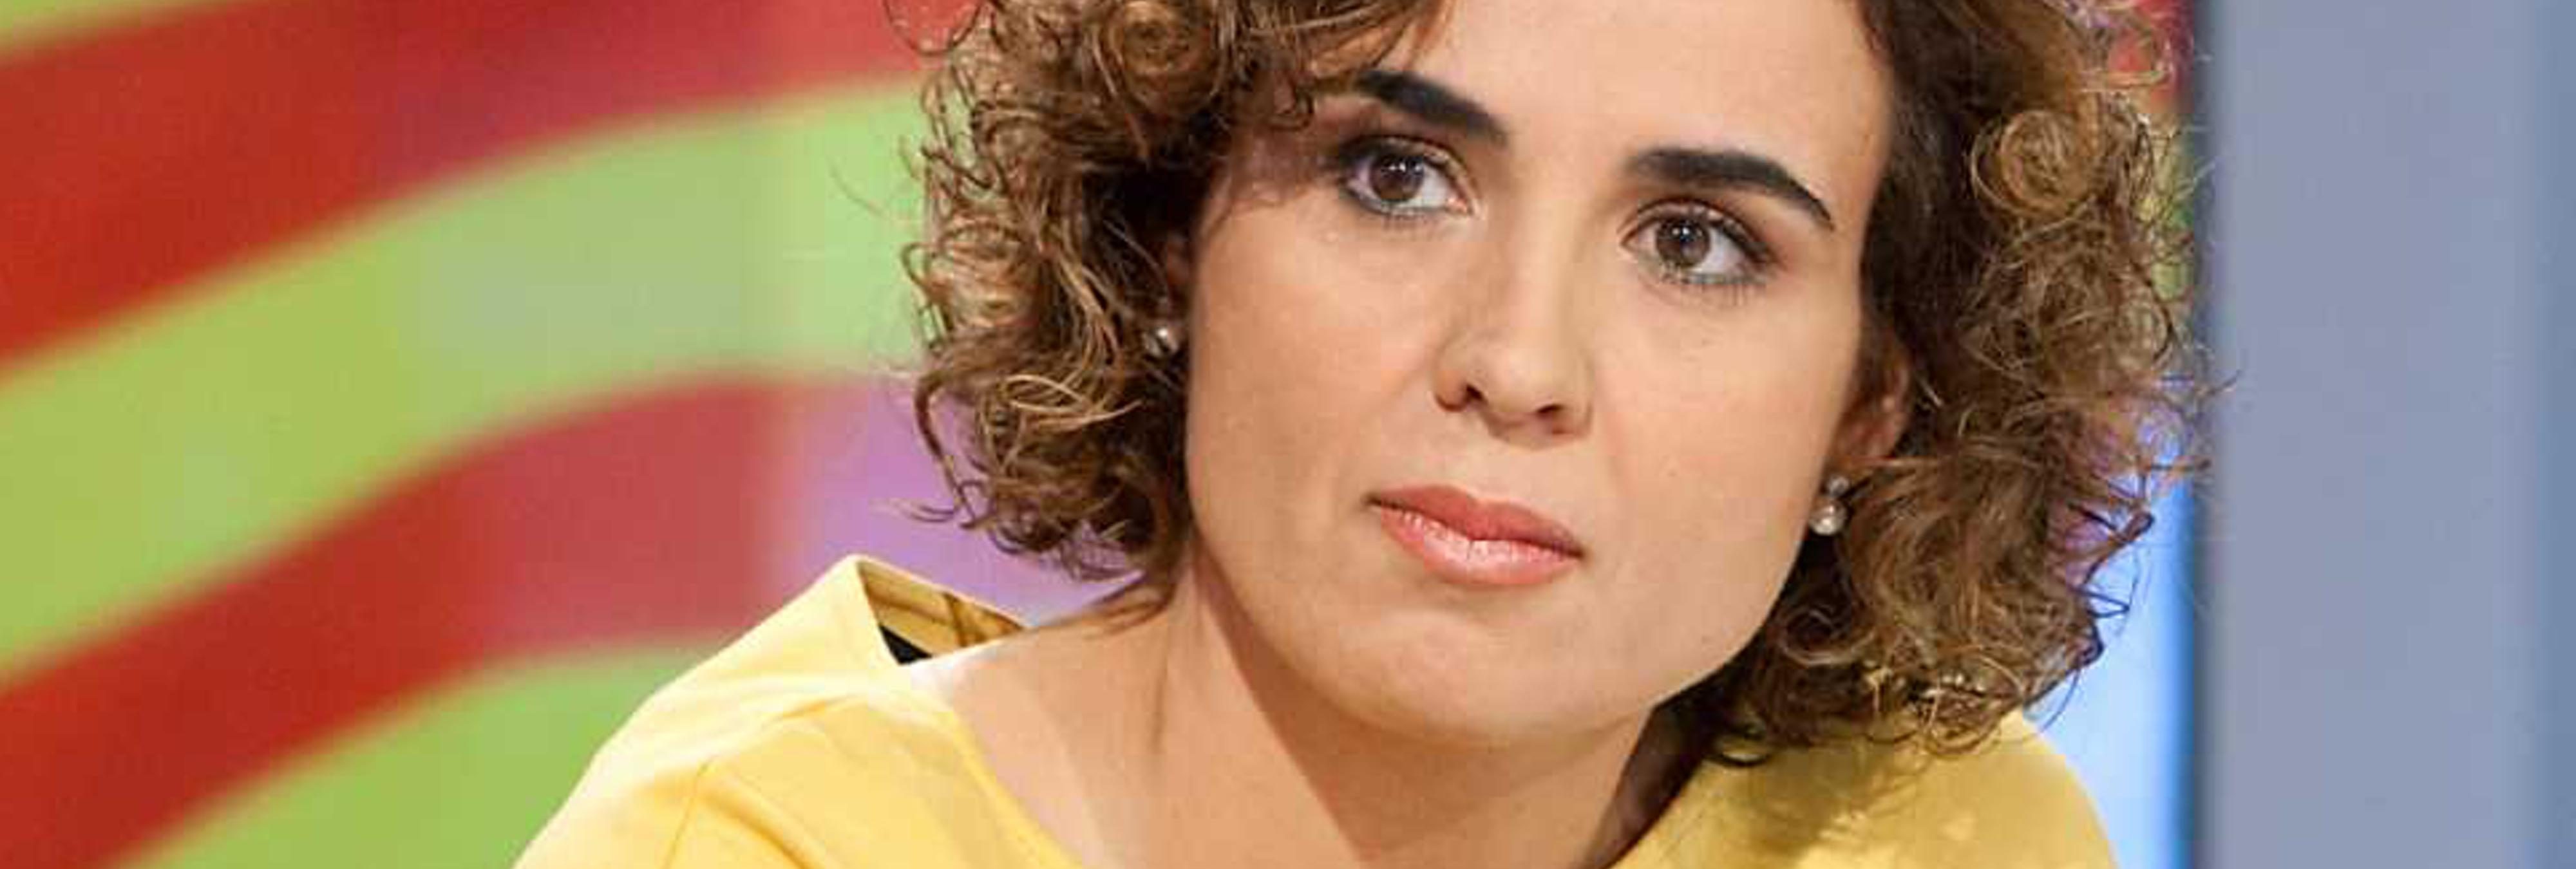 La ministra de Igualdad propone anonimizar los currículums para combatir el sexismo